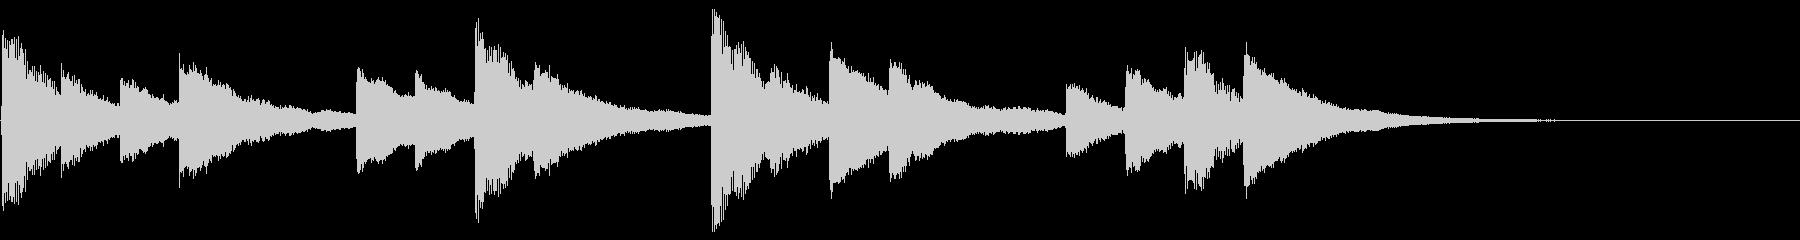 学校のベル(高音質_モノラル)の未再生の波形